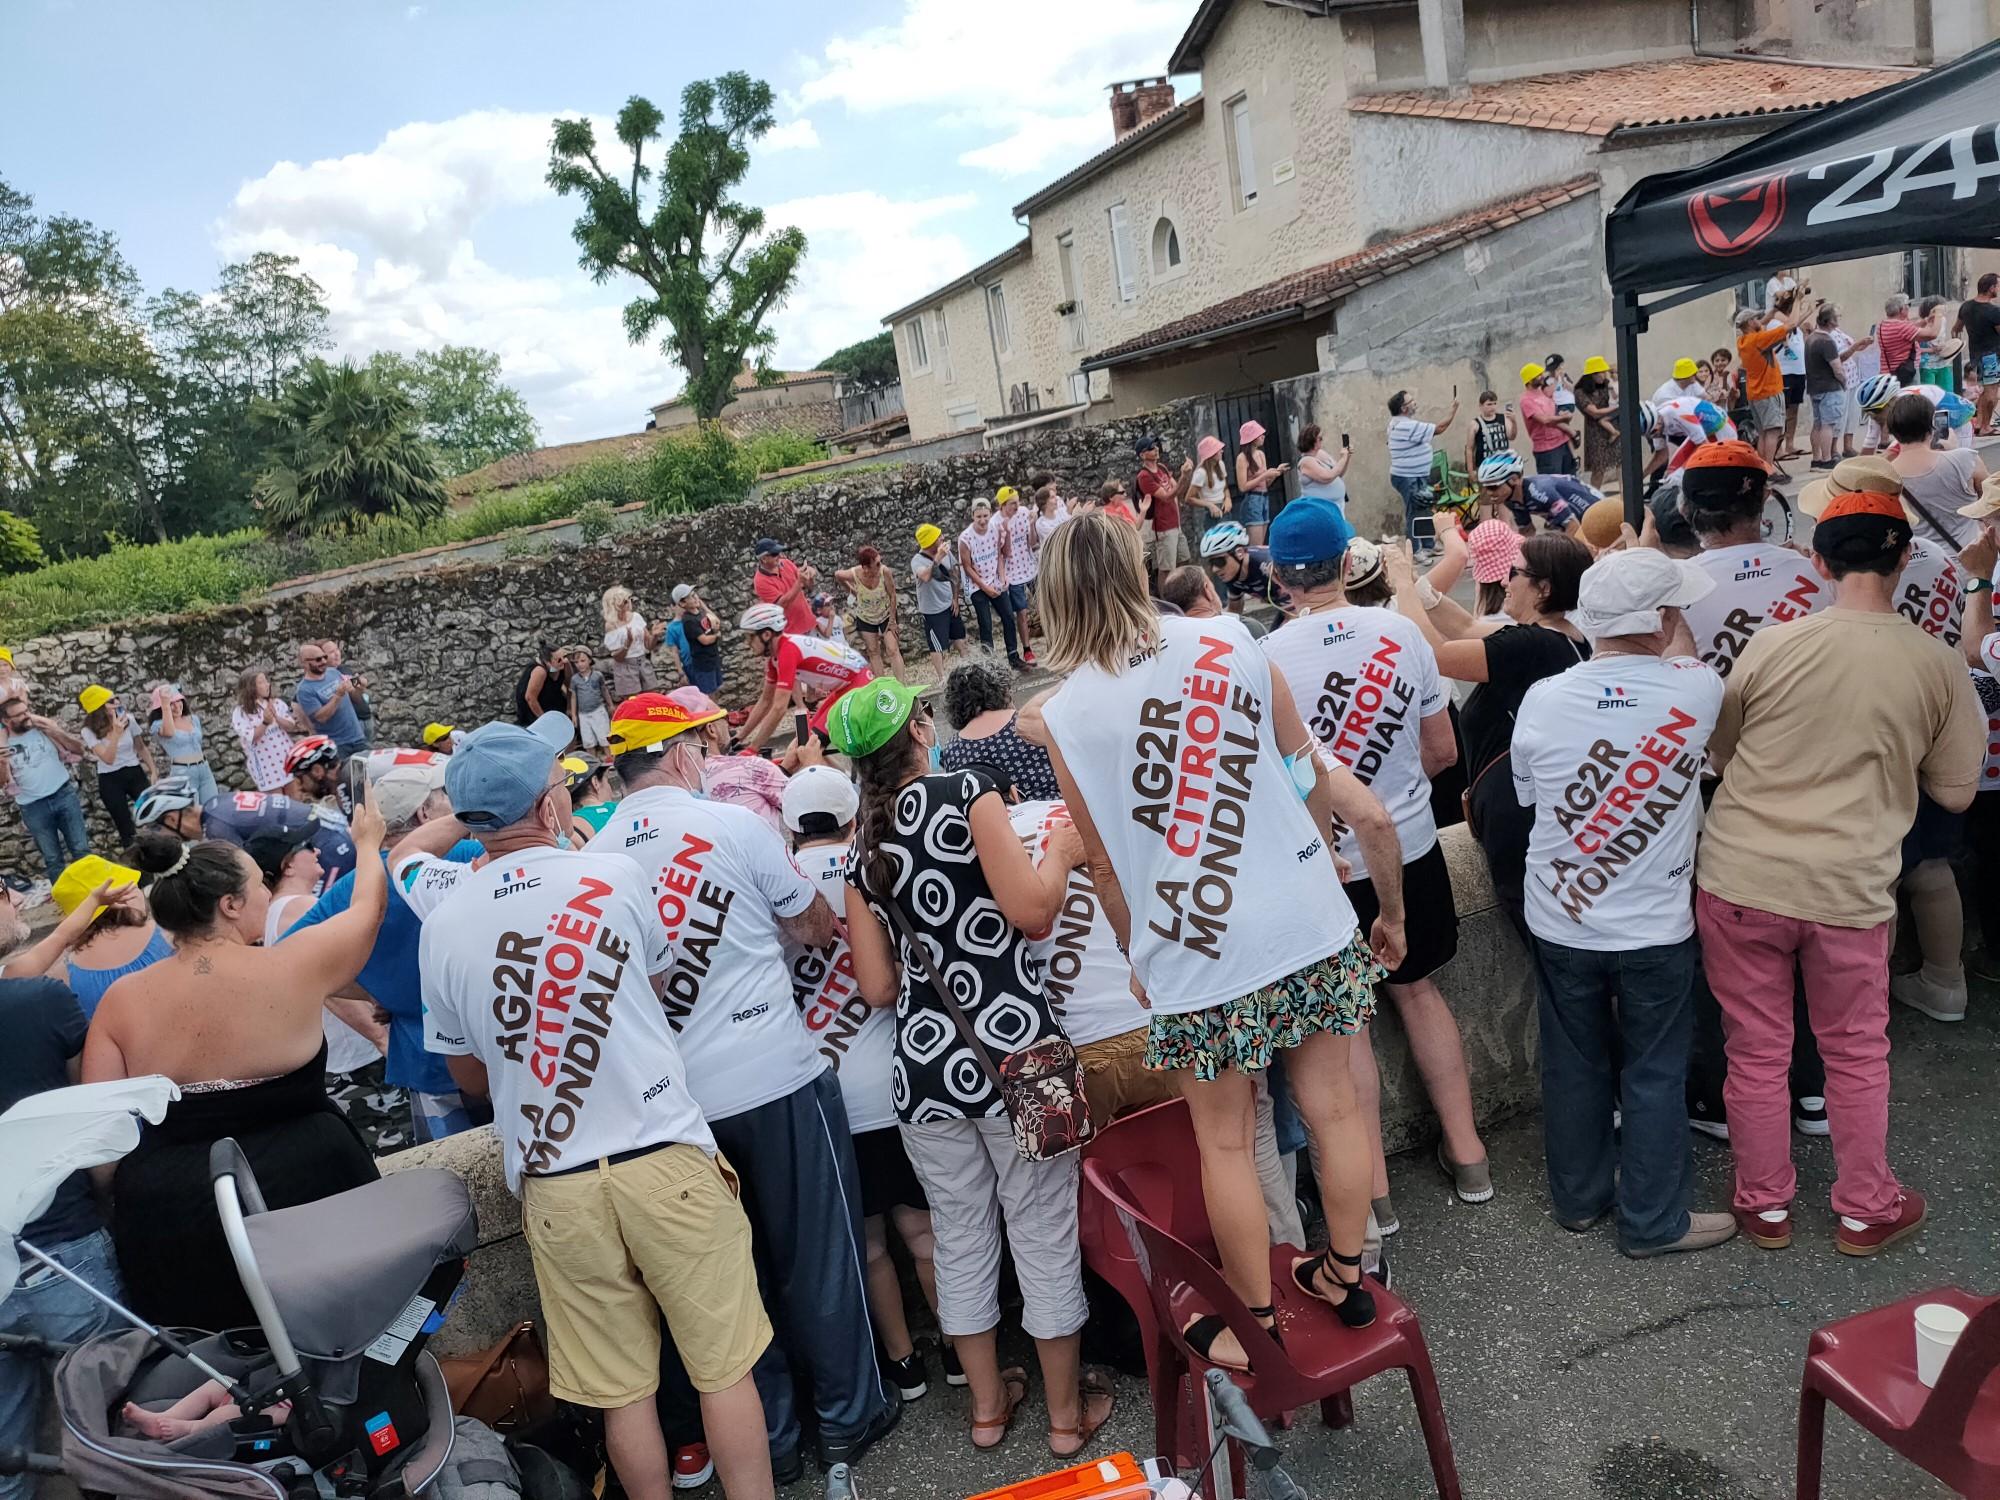 TOUR DE FRANCE<br> Le foyer de Saint-Michel sur la 20ème étape Girondine !